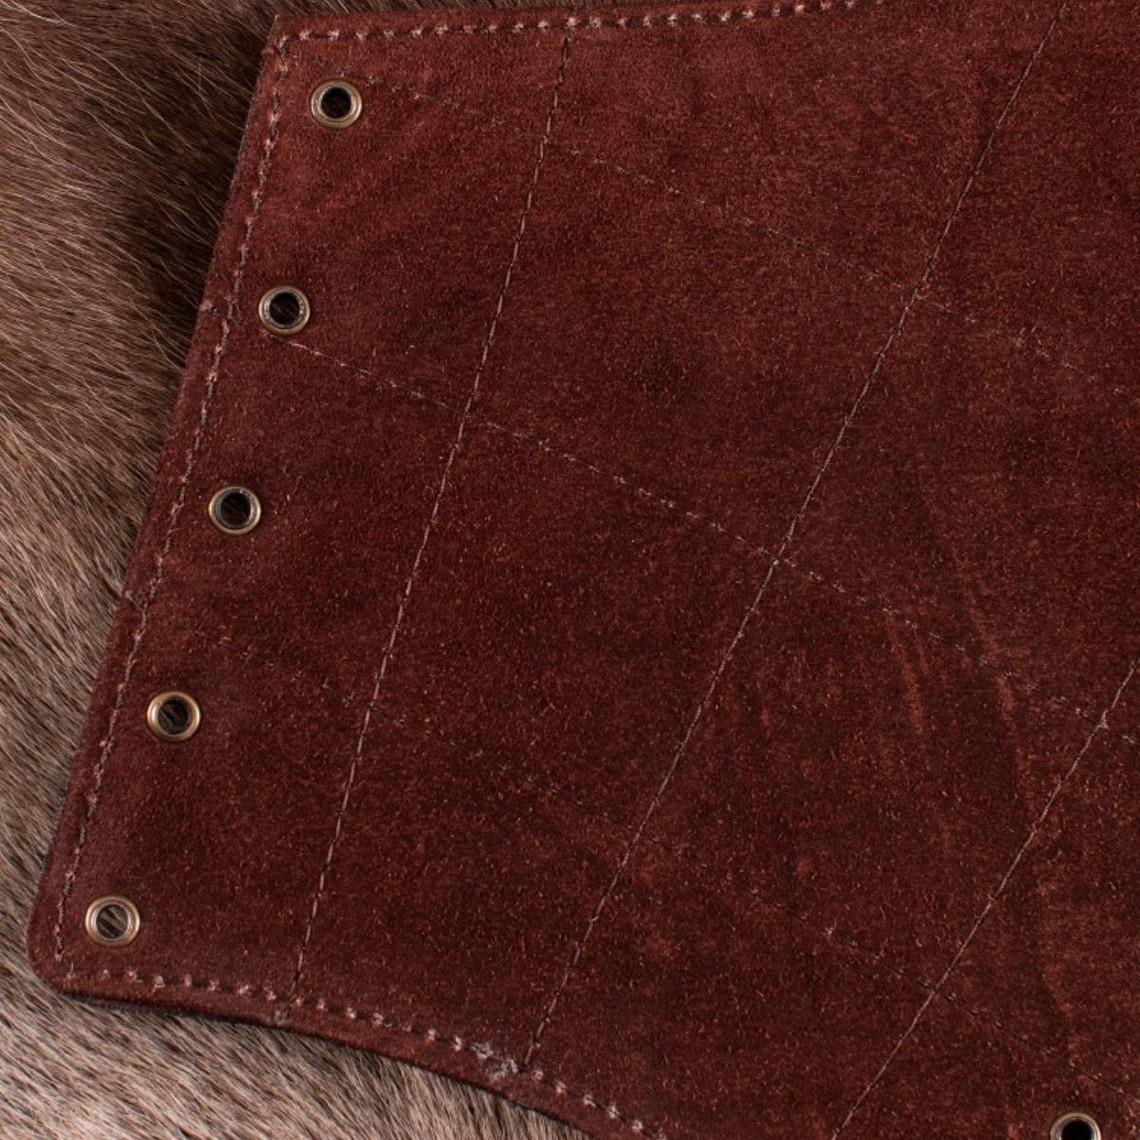 Deepeeka Leather vambraces Uhtred